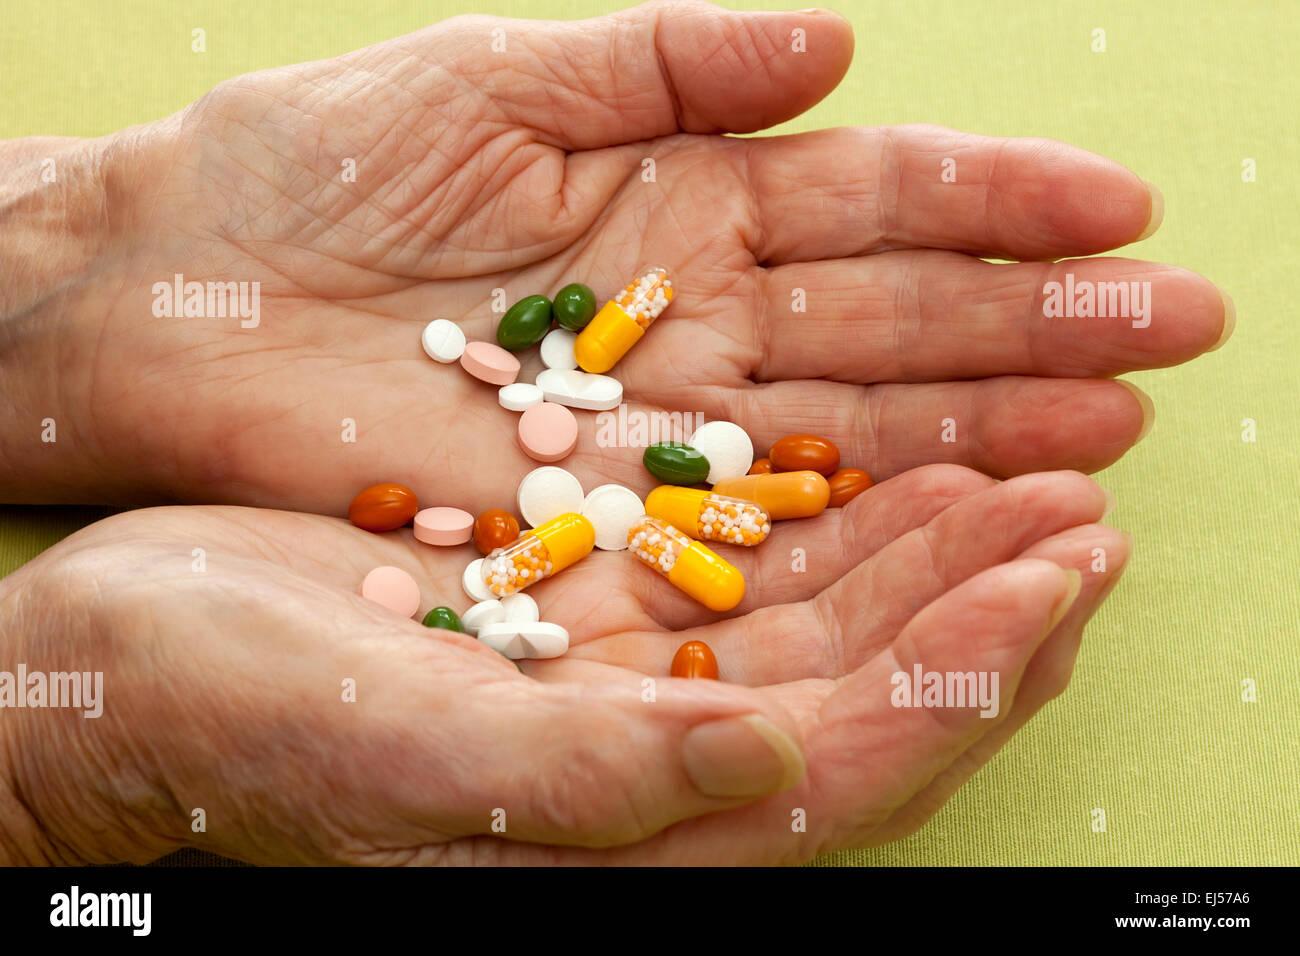 Hohlen Hand einer alten Dame mit einem Cocktail aus Tabletten Kapseln und Pillen, die ihr als Medikation und Behandlung Stockbild